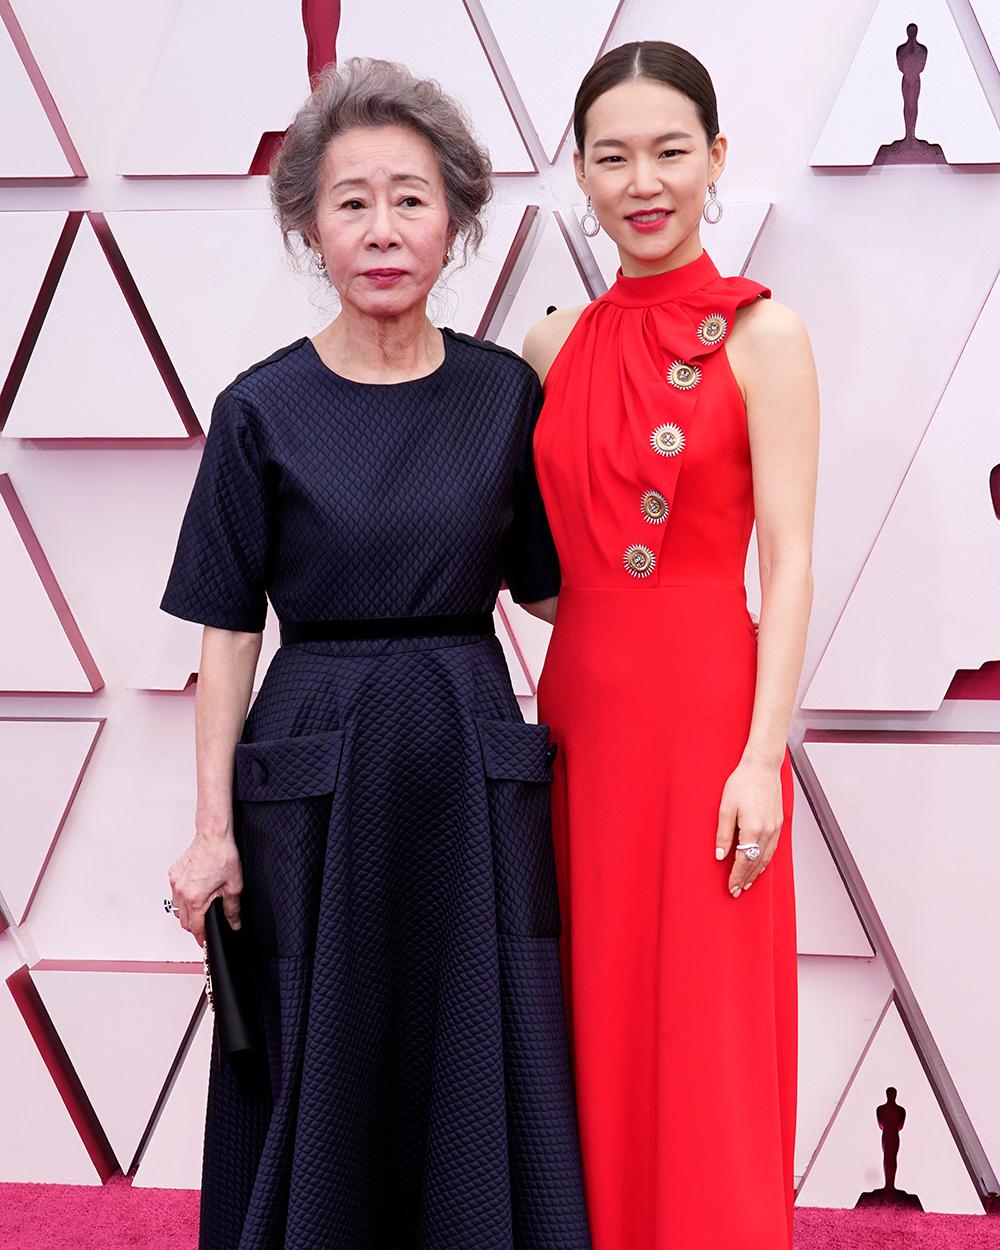 Nữ diễn viên gạo cội Yuh-Jung Youn thanh lịch với bộ cánh khá kín đáo, trong khi đó Ye-ri Han khoe khéo vòng eo săn chắc trong chiếc váy đỏ ôm dáng. Để có thể góp mặt tại lễ trao giải, Yuh-Jung Youn đã quyết định bay từ Hàn Quốc đến Mỹ.